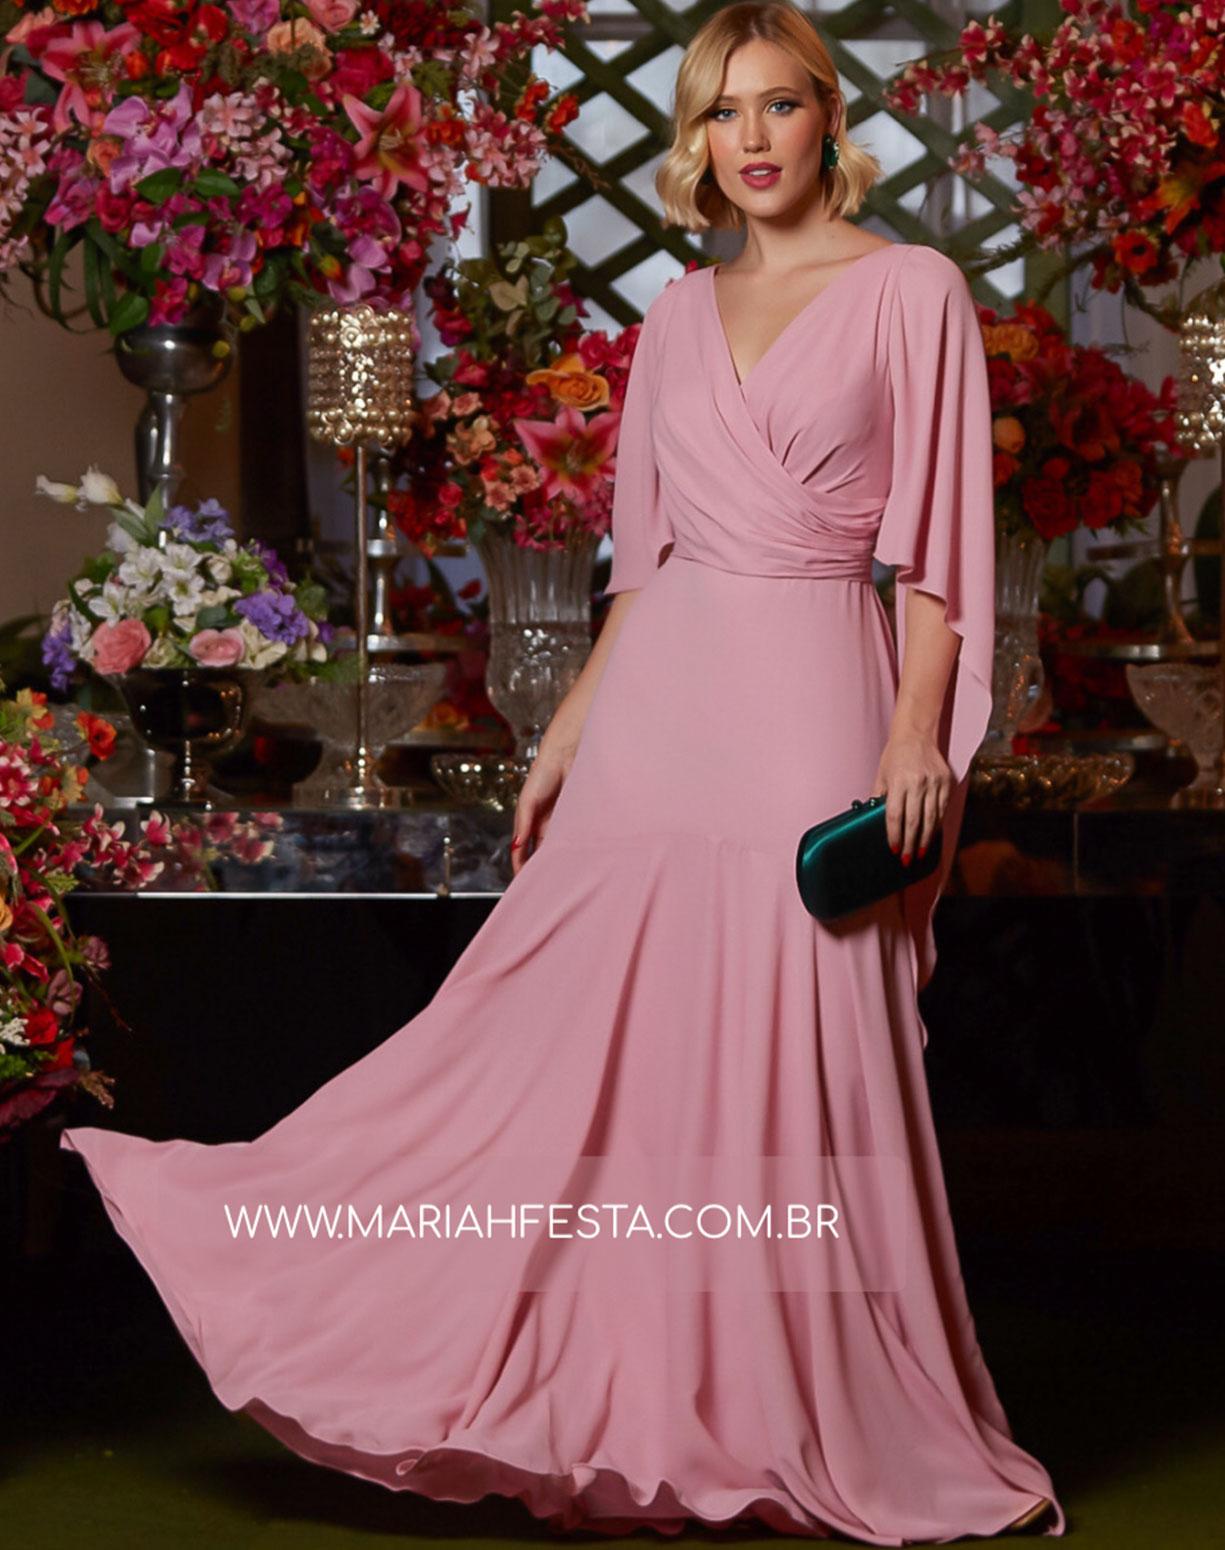 Vestido Rose Semi Sereia com Decote Transpassado